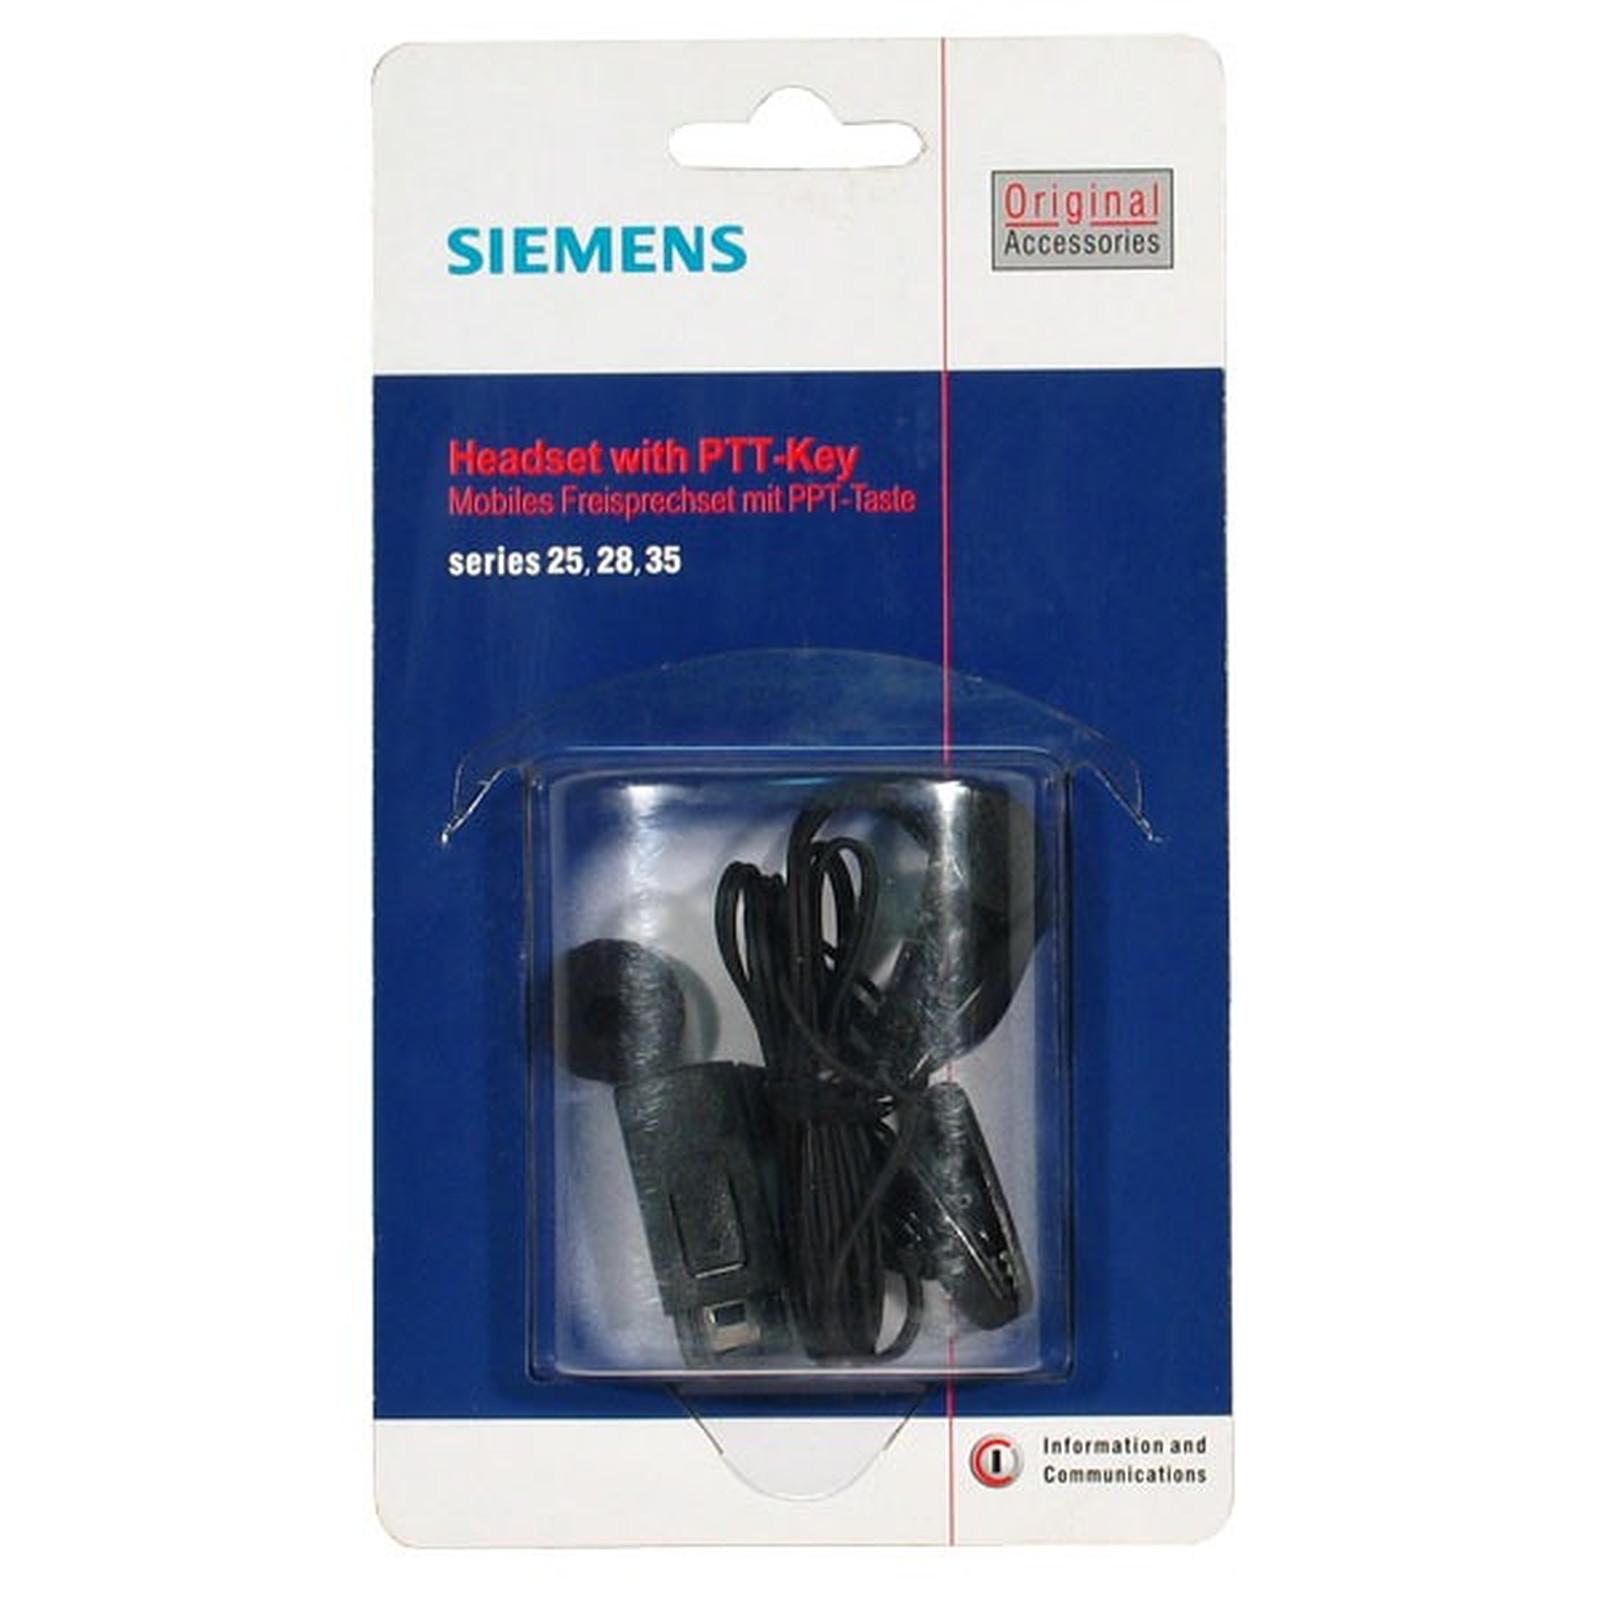 Siemens PTT-KEY